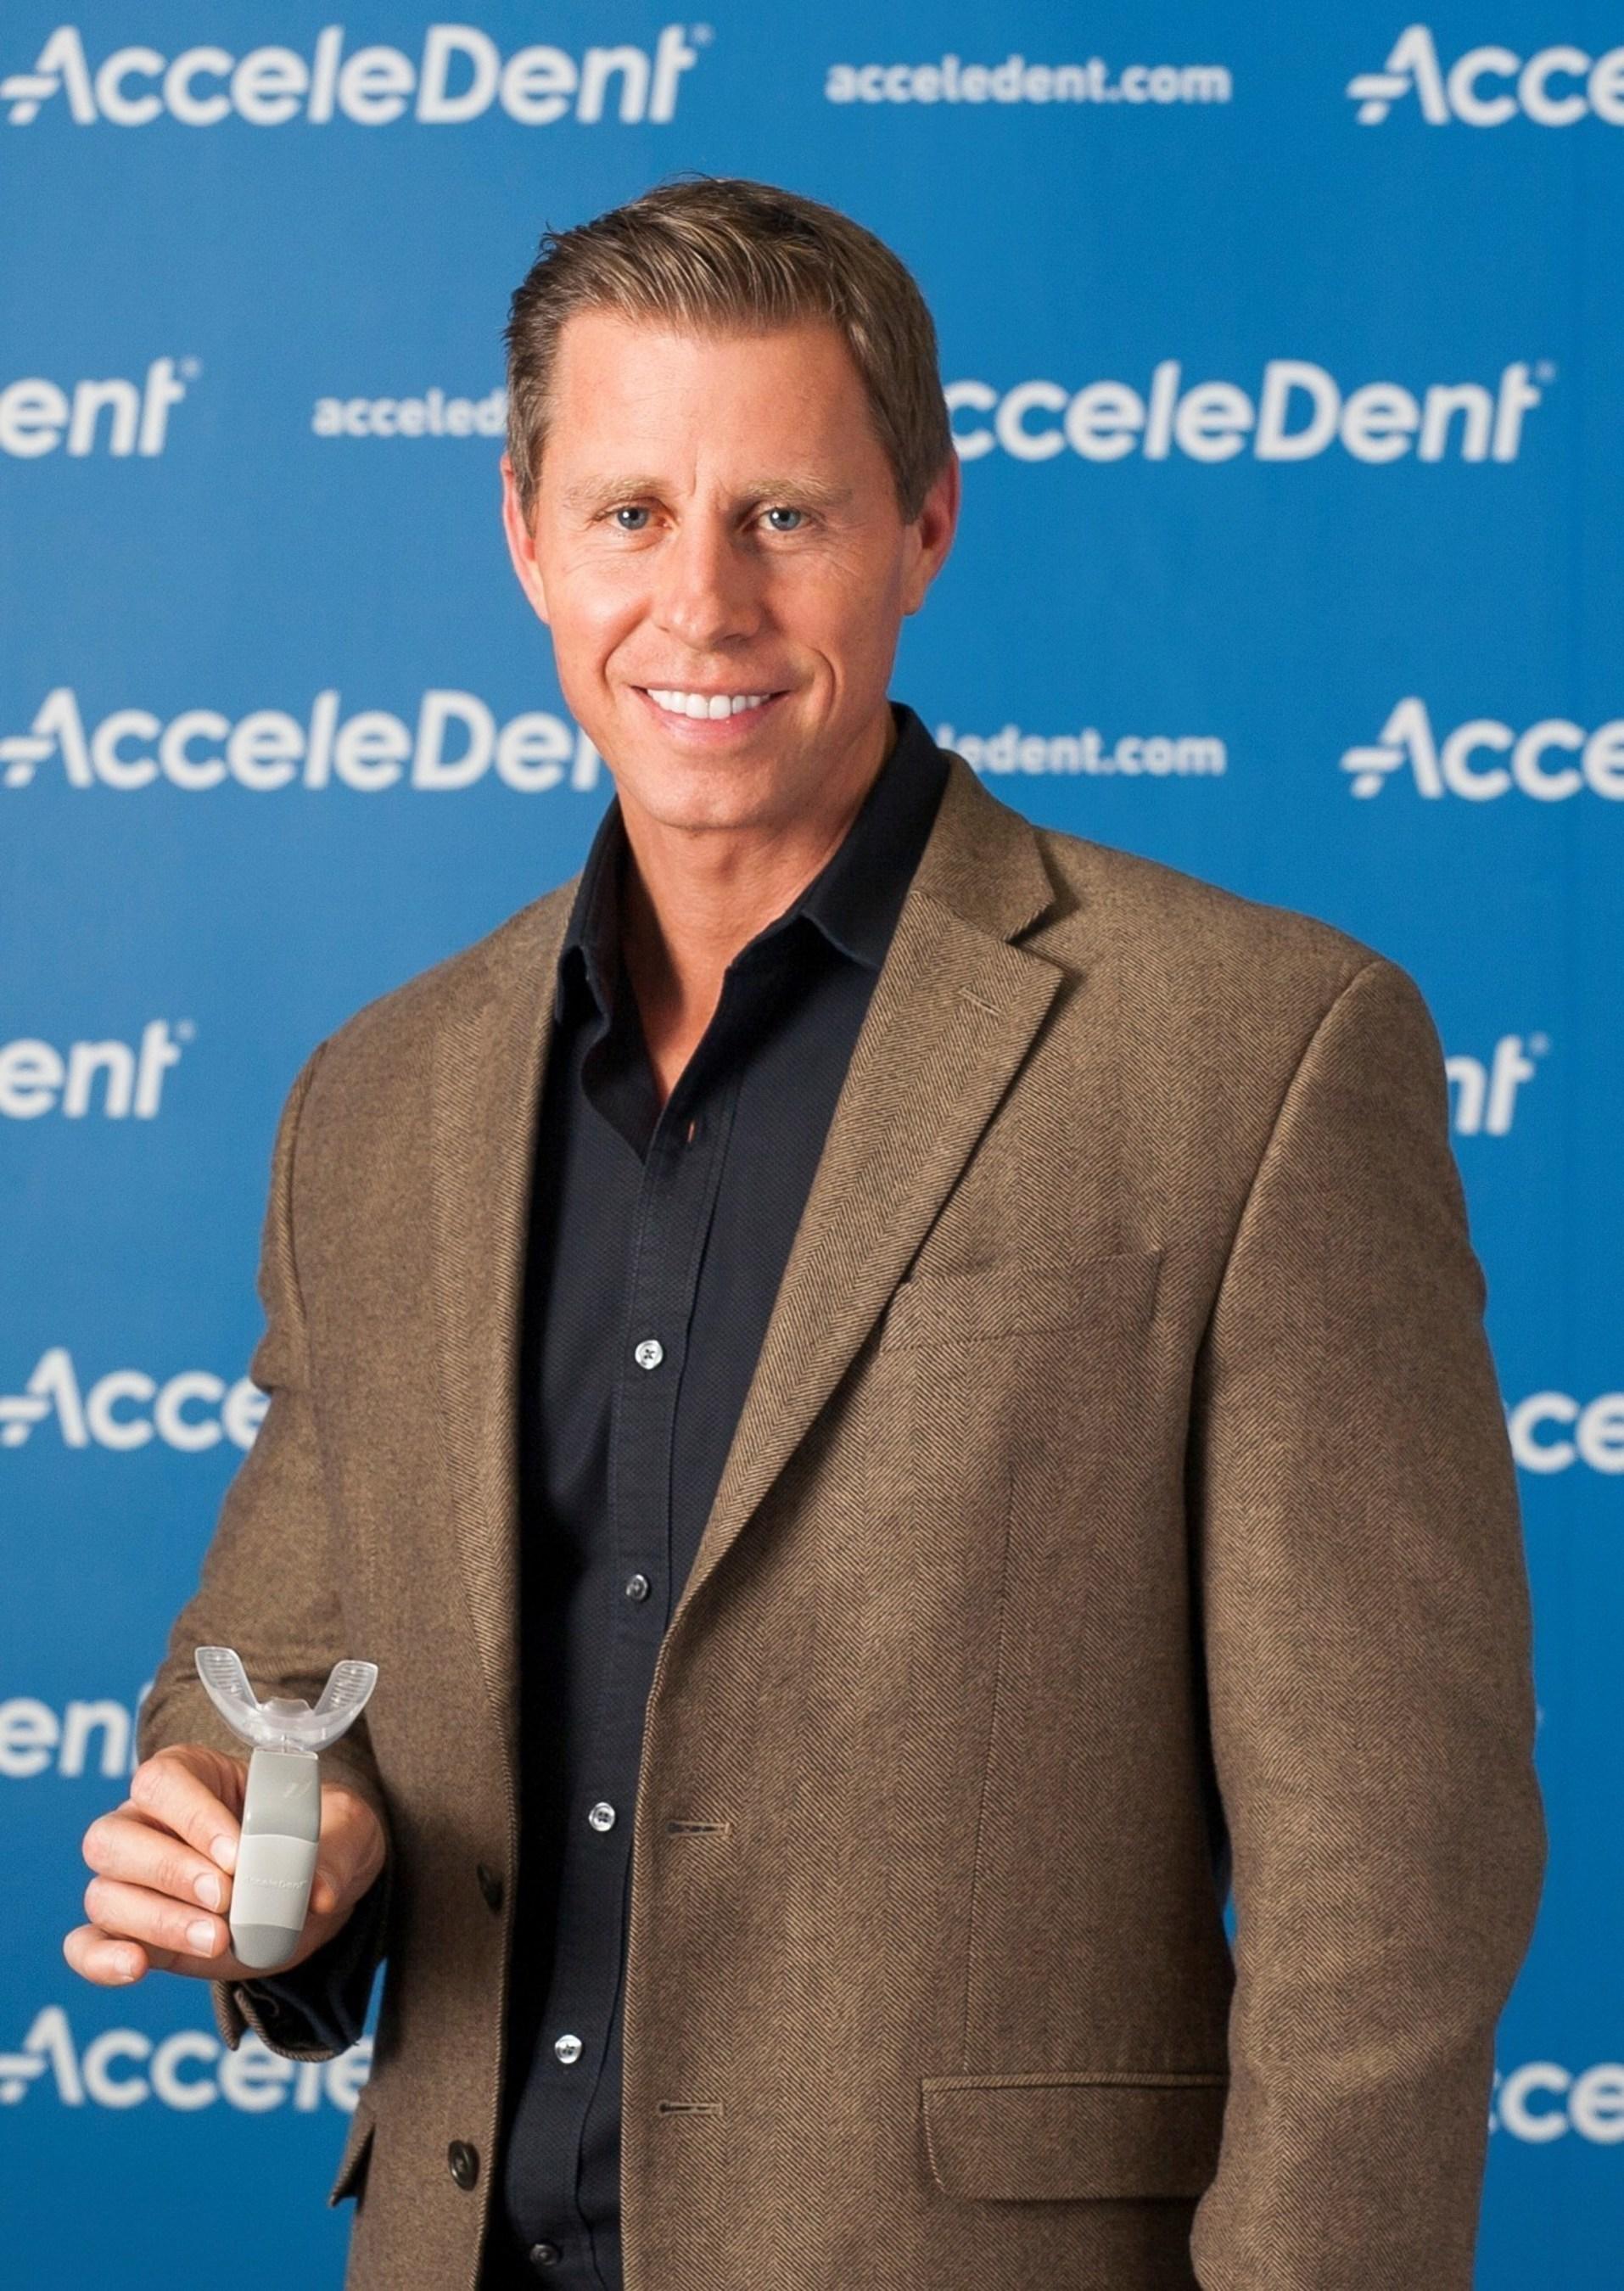 OrthoAccel, produttrice di AcceleDent, è stata nominata nella Deloitte 2015 Technology Fast 500